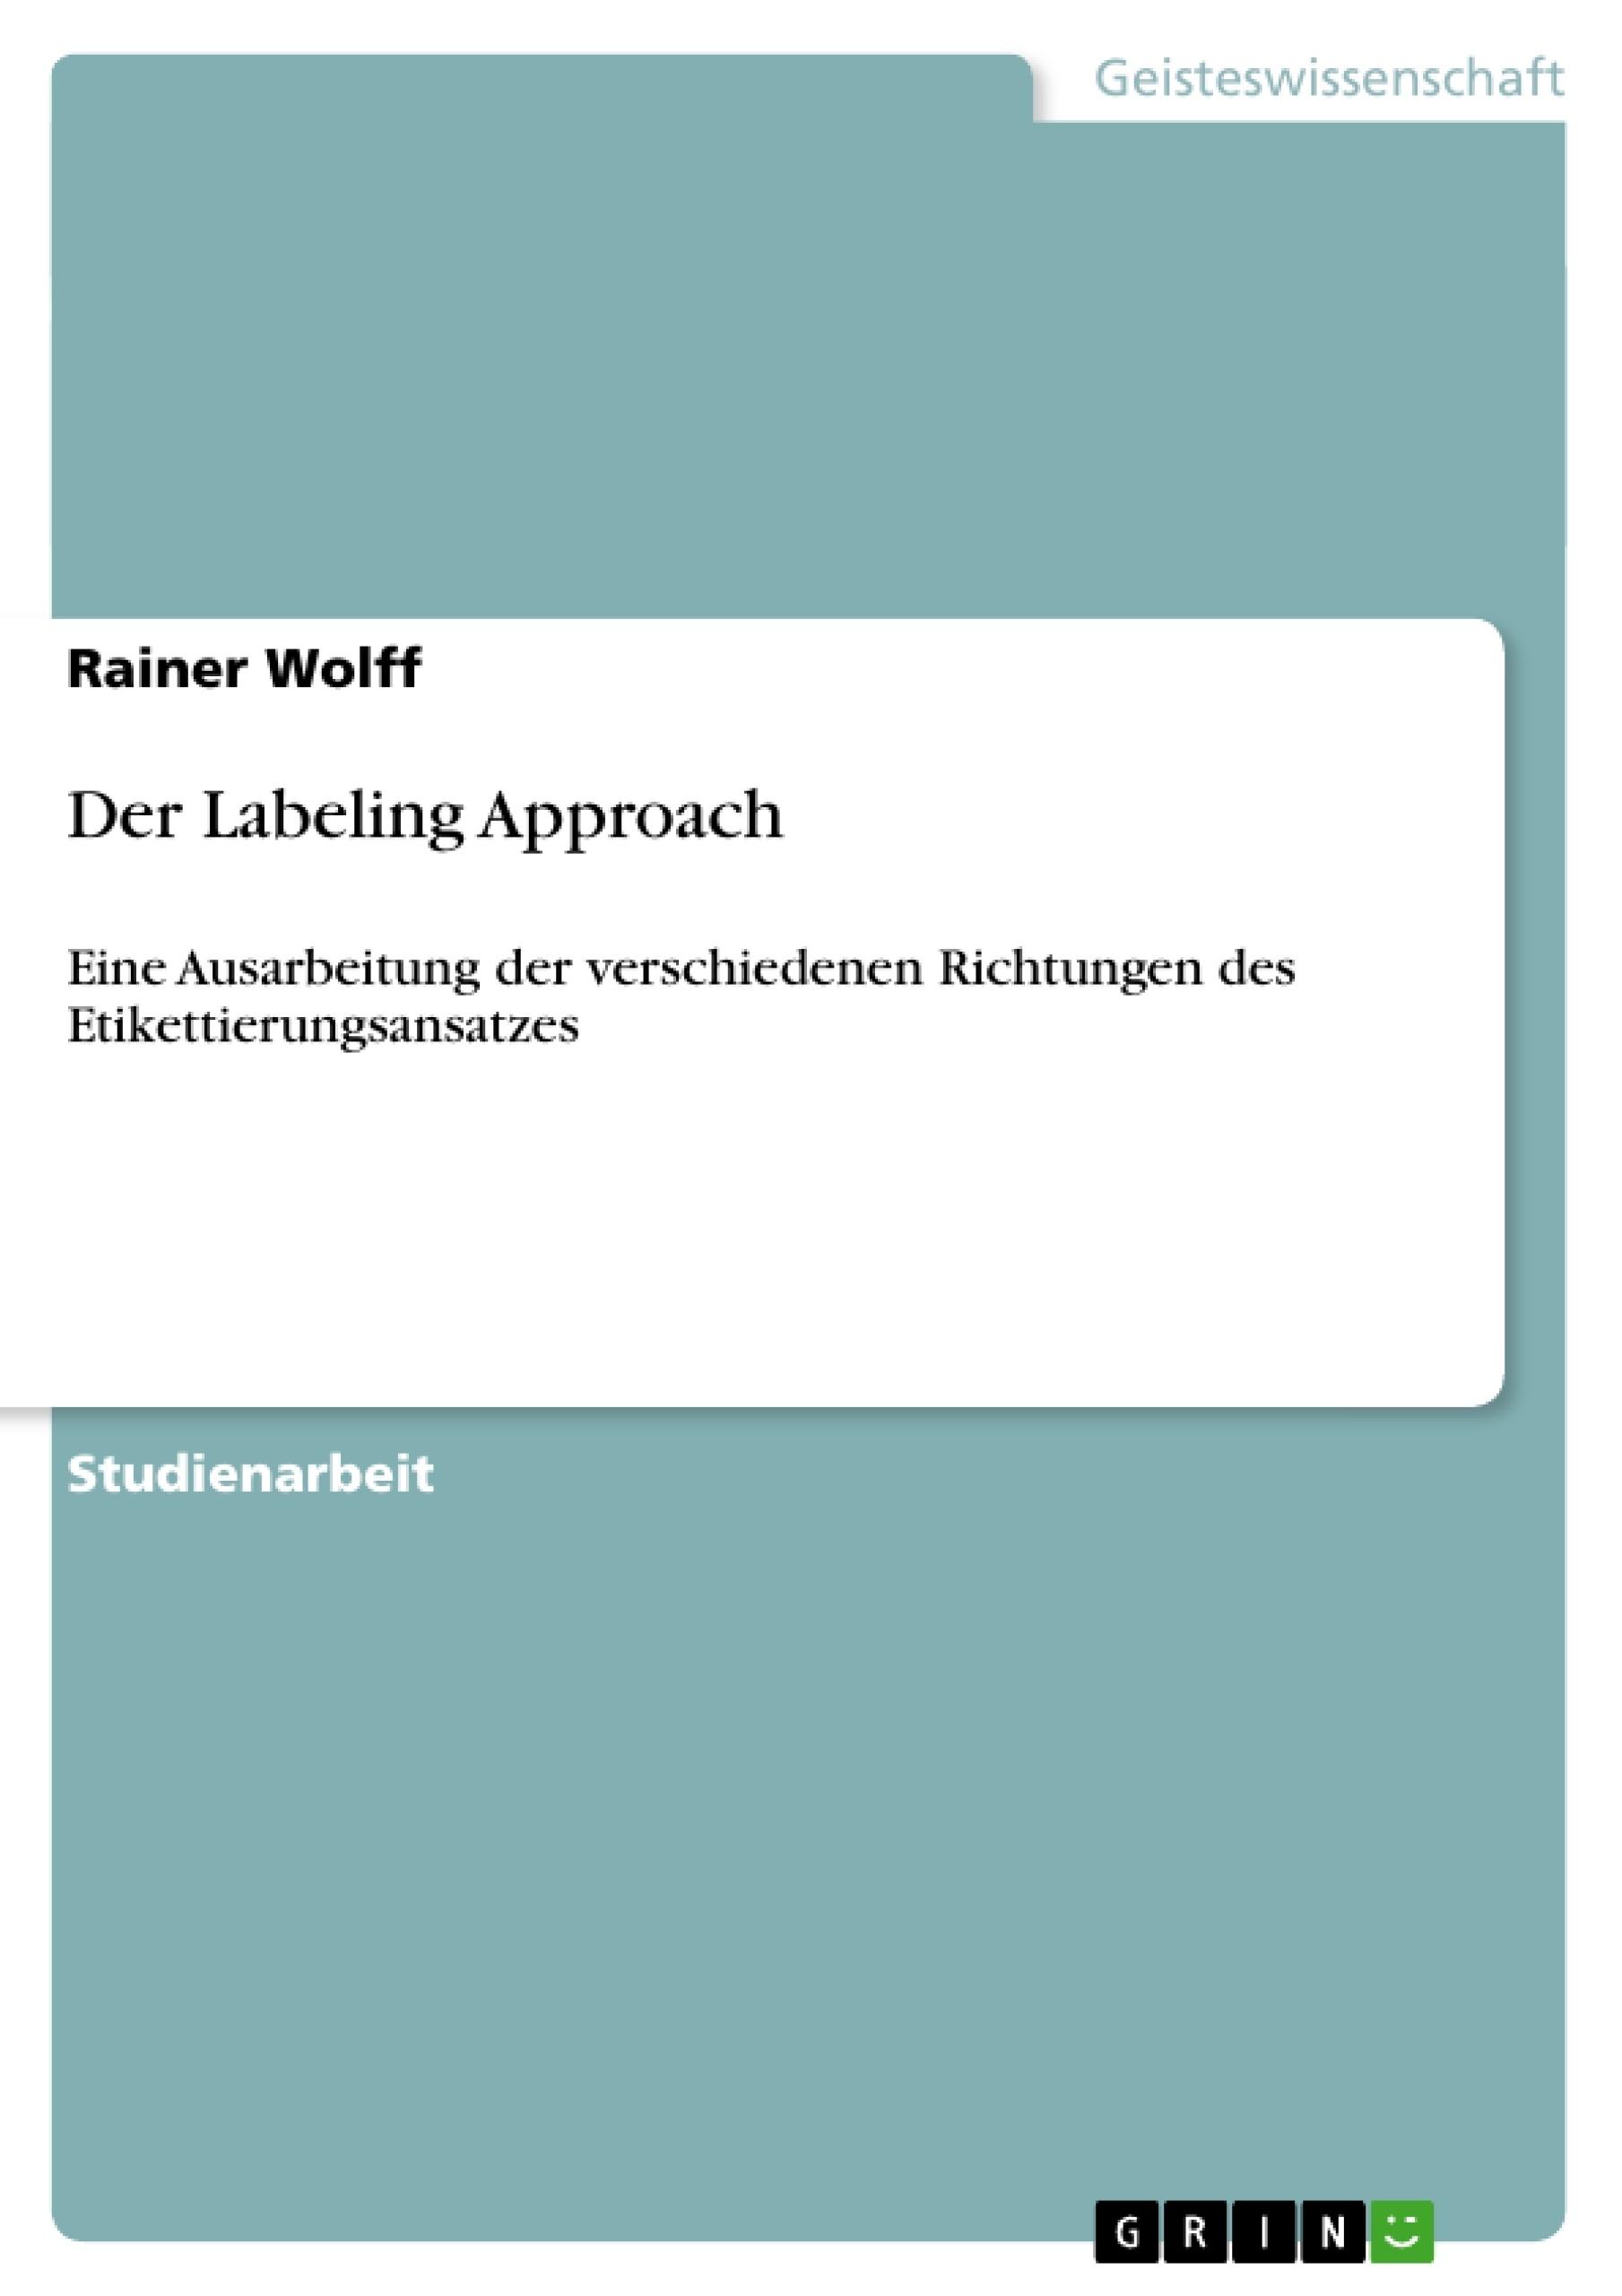 Titel: Der Labeling Approach